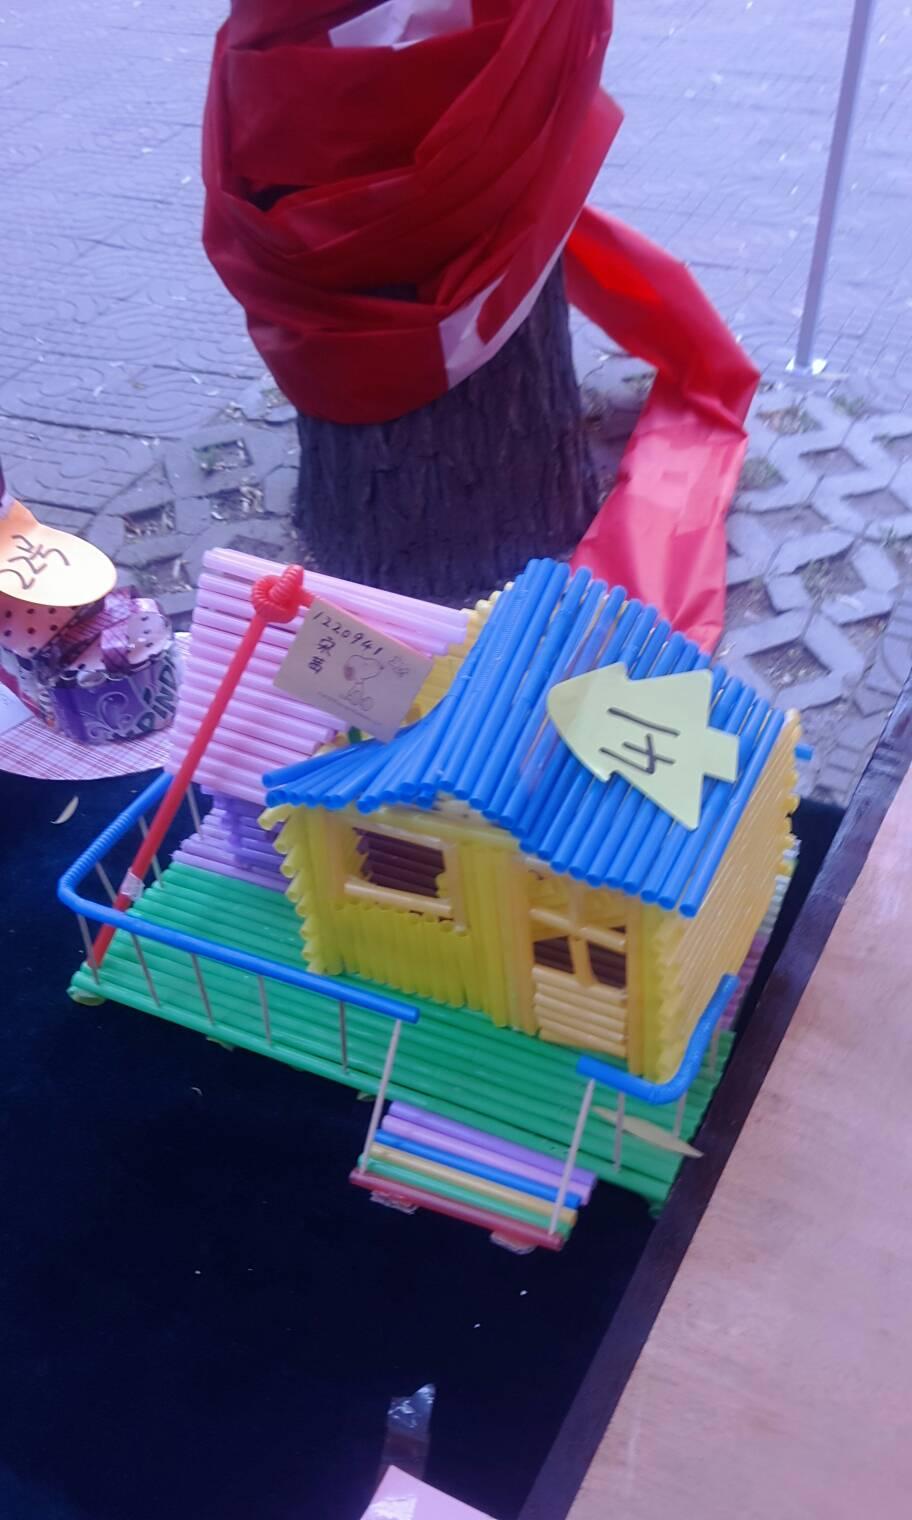 邻家小孩小学二年,学校要求做发明创造制作小手工,油好的创意酬谢100图片